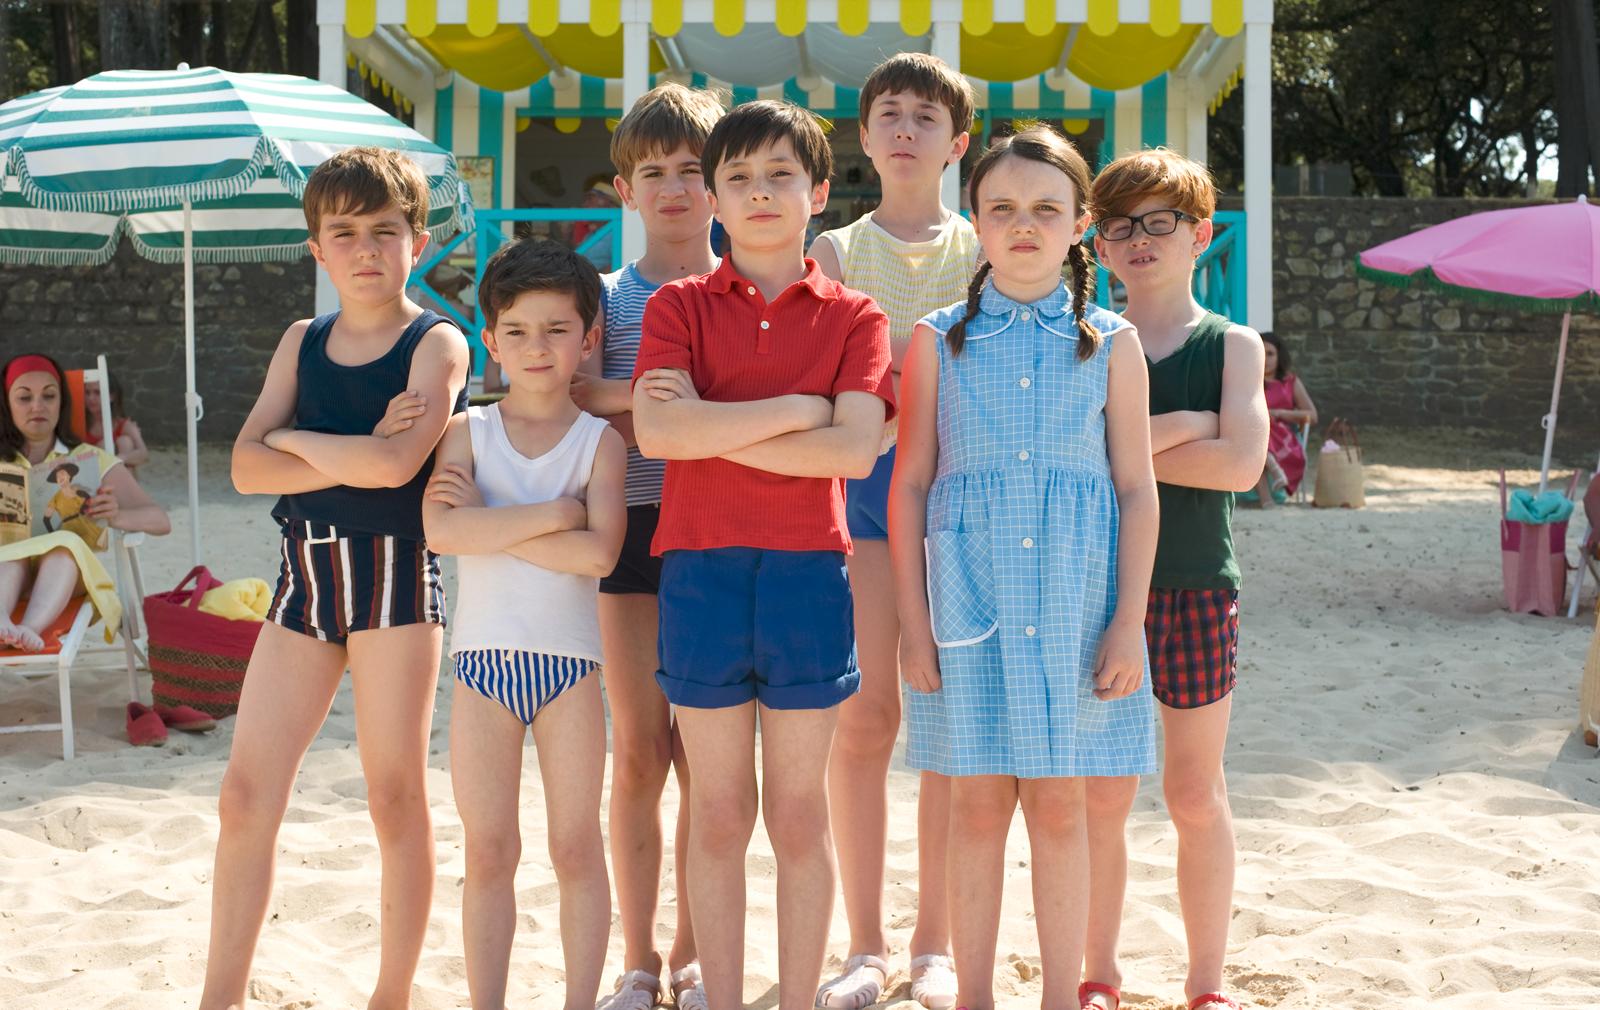 Comédias francesas encerram atividades do cineclube da Ufam em 2017